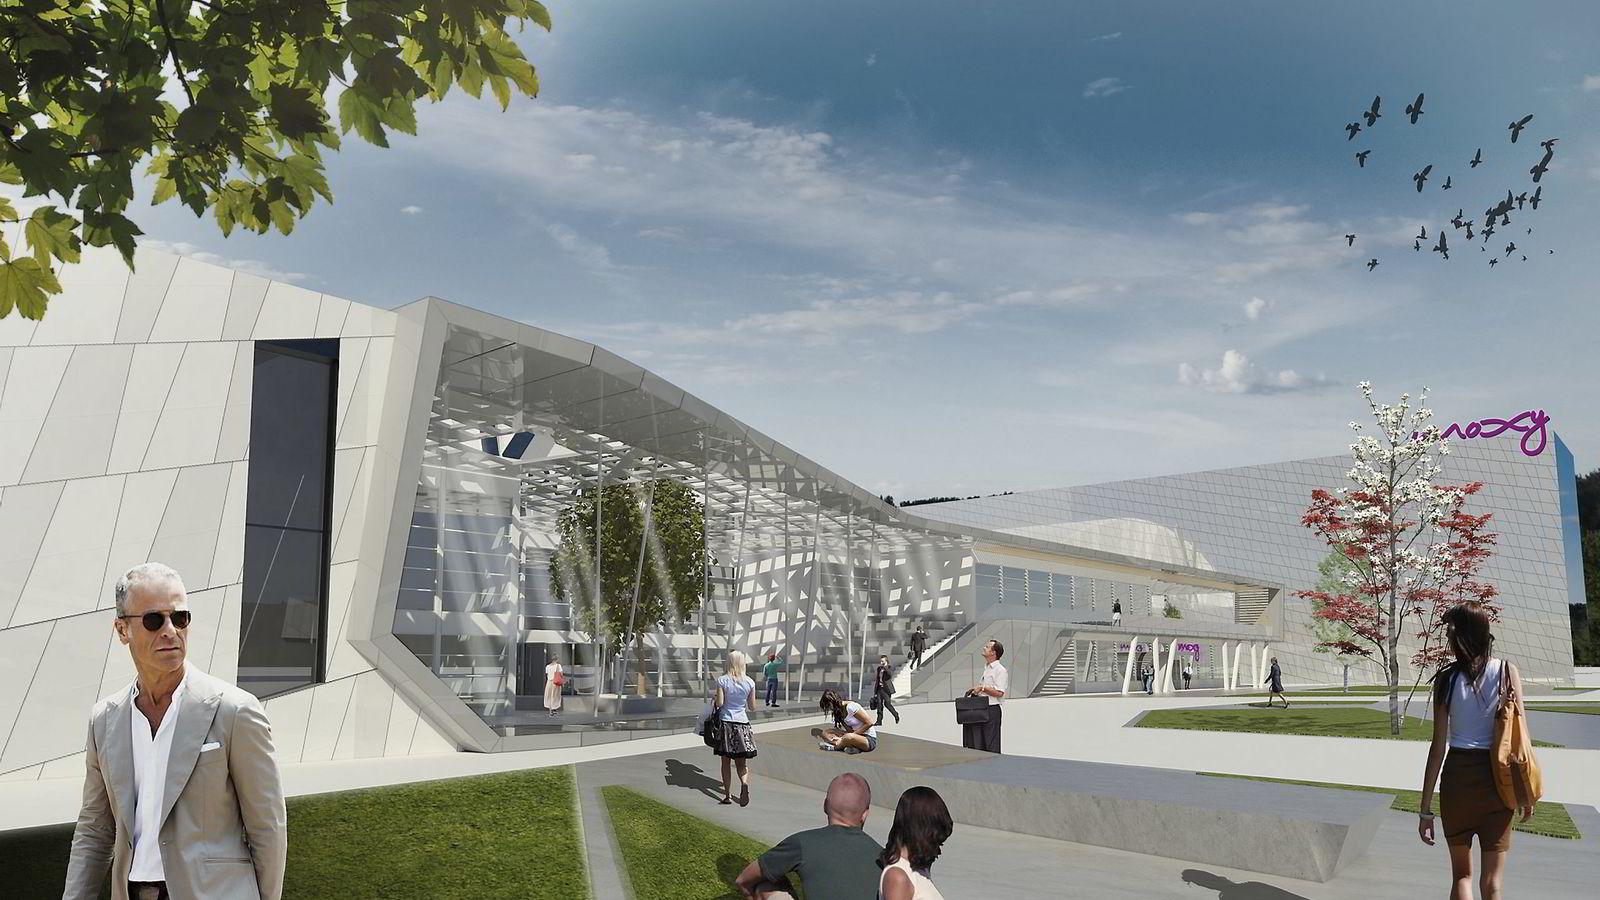 Med etableringen av Moxy-hotellet og nye Exporama satser SHM på å ta opp kampen med de etablerte konferansehotellene på Østlandet. Bilde: APTO Architects